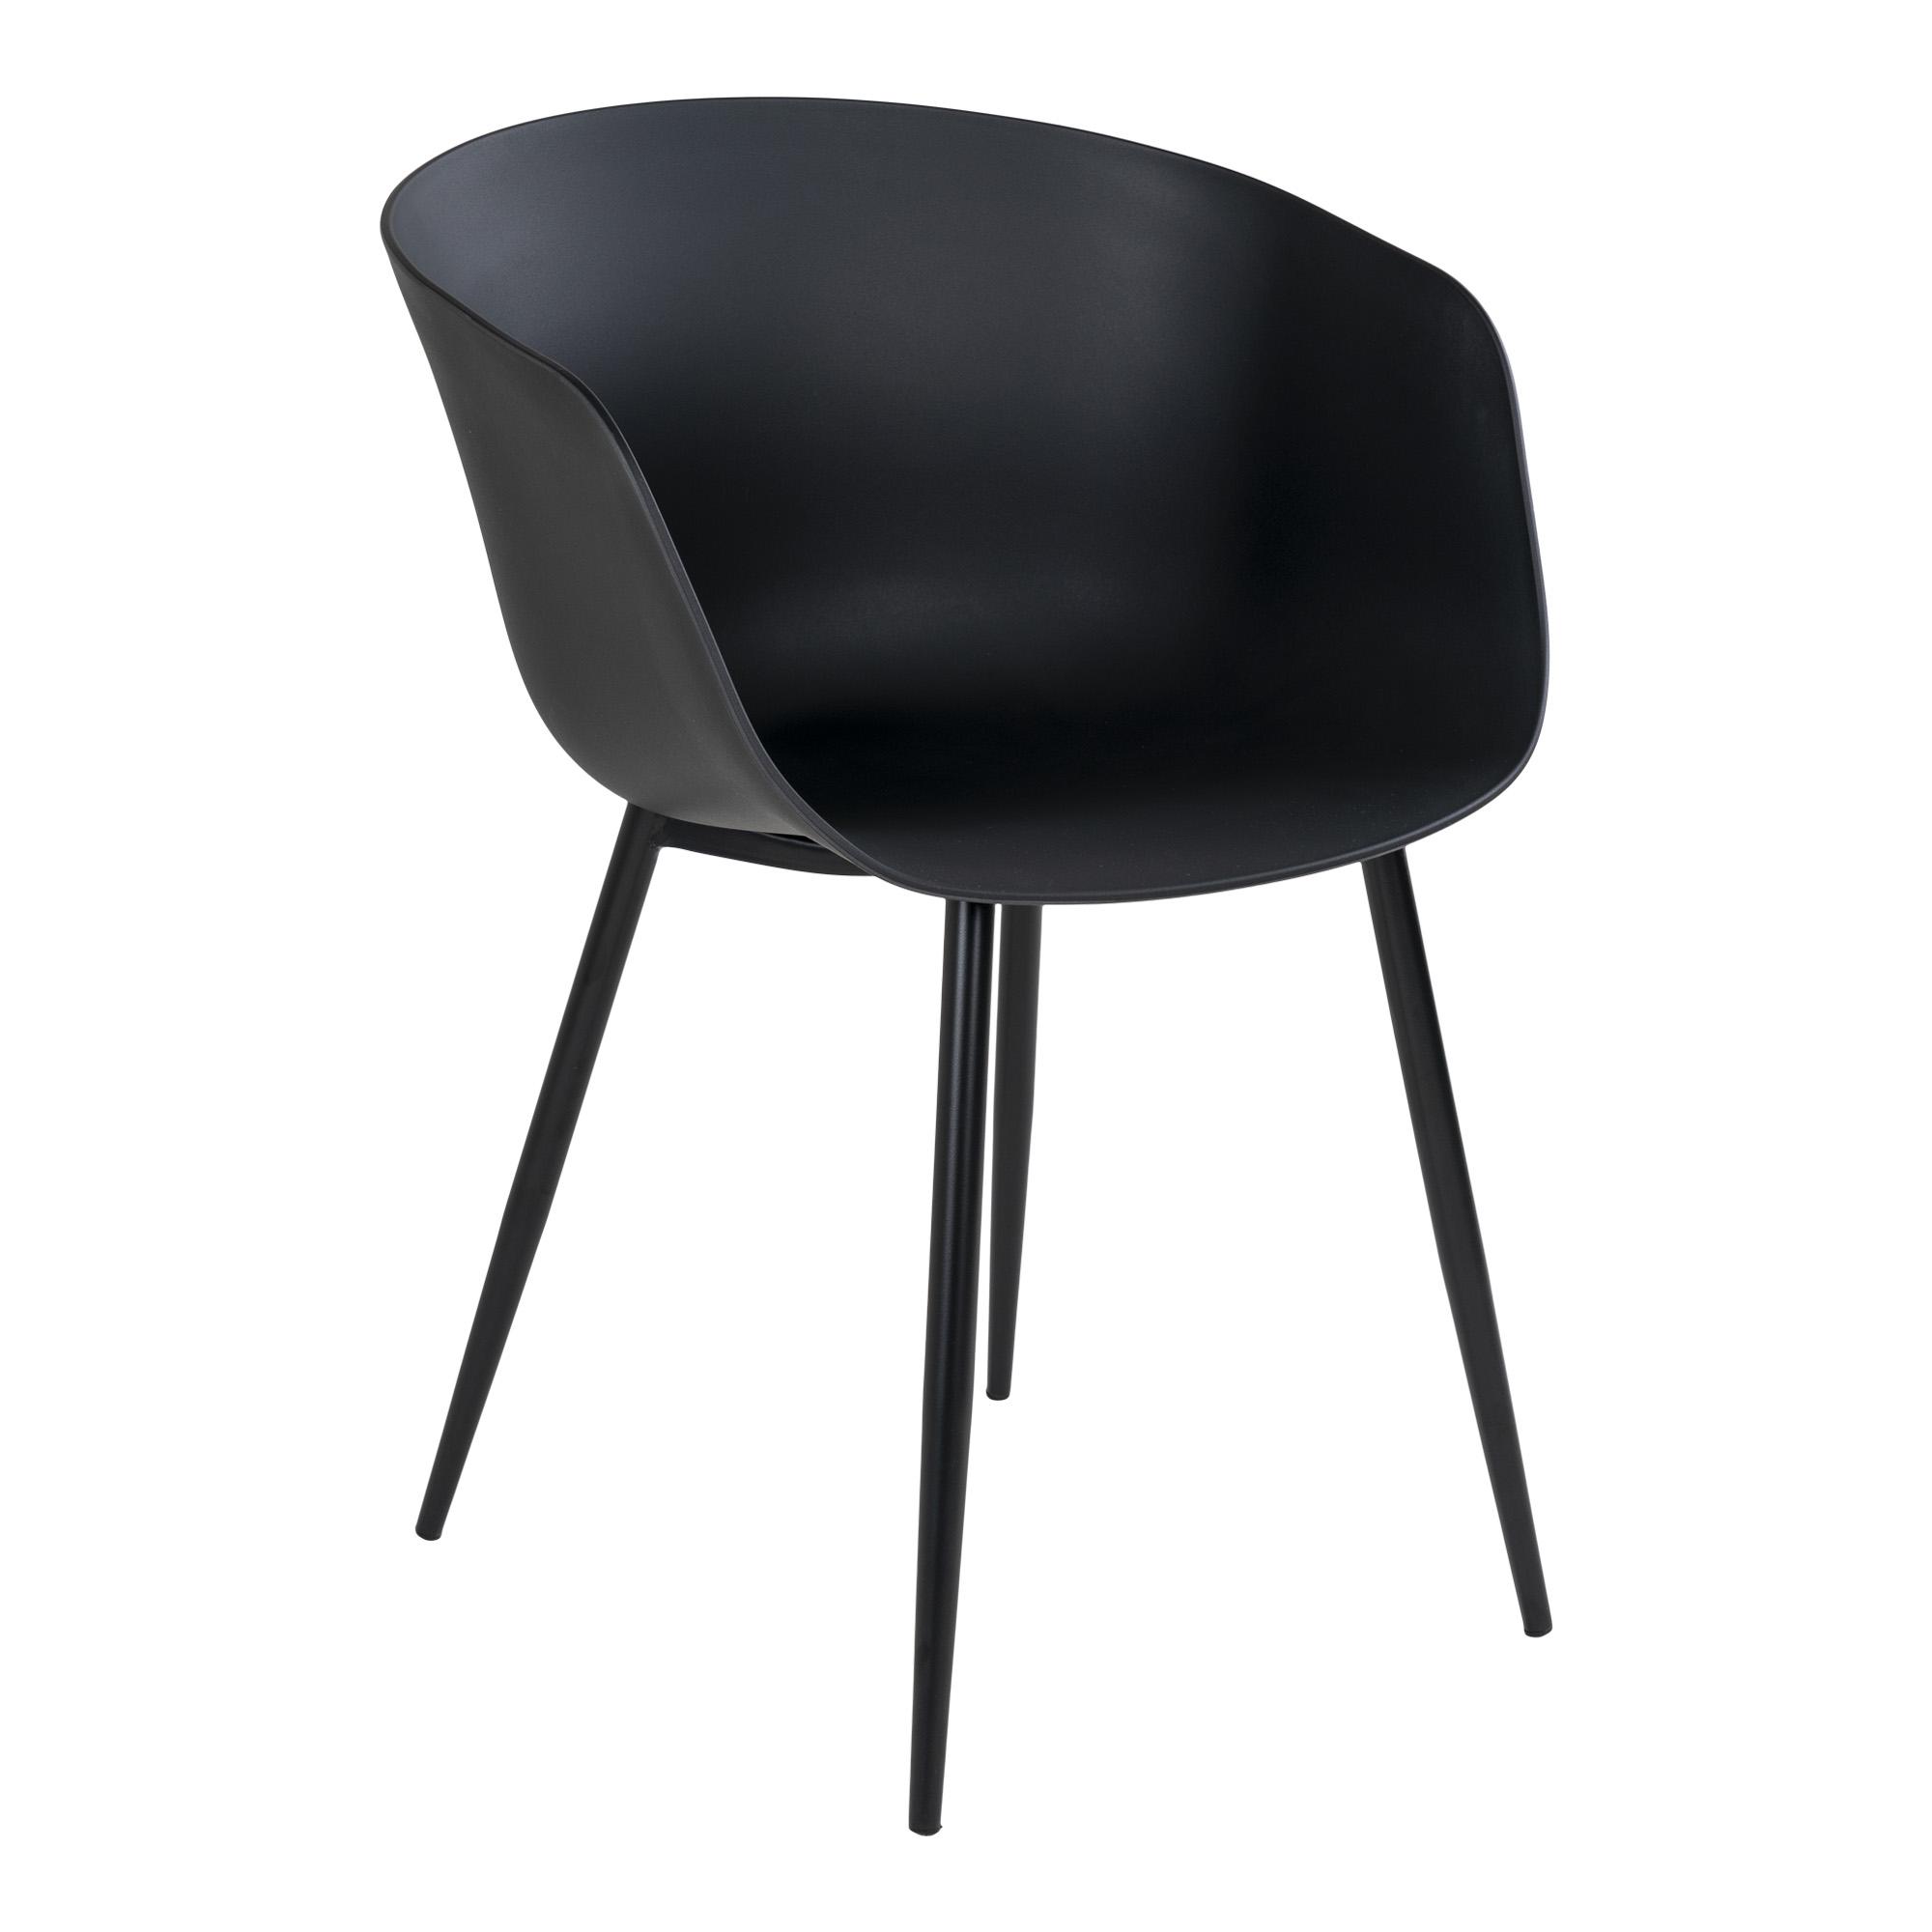 HOUSE NORDIC Roda spisebordsstol, m. armlæn - sort plastik og sort stål